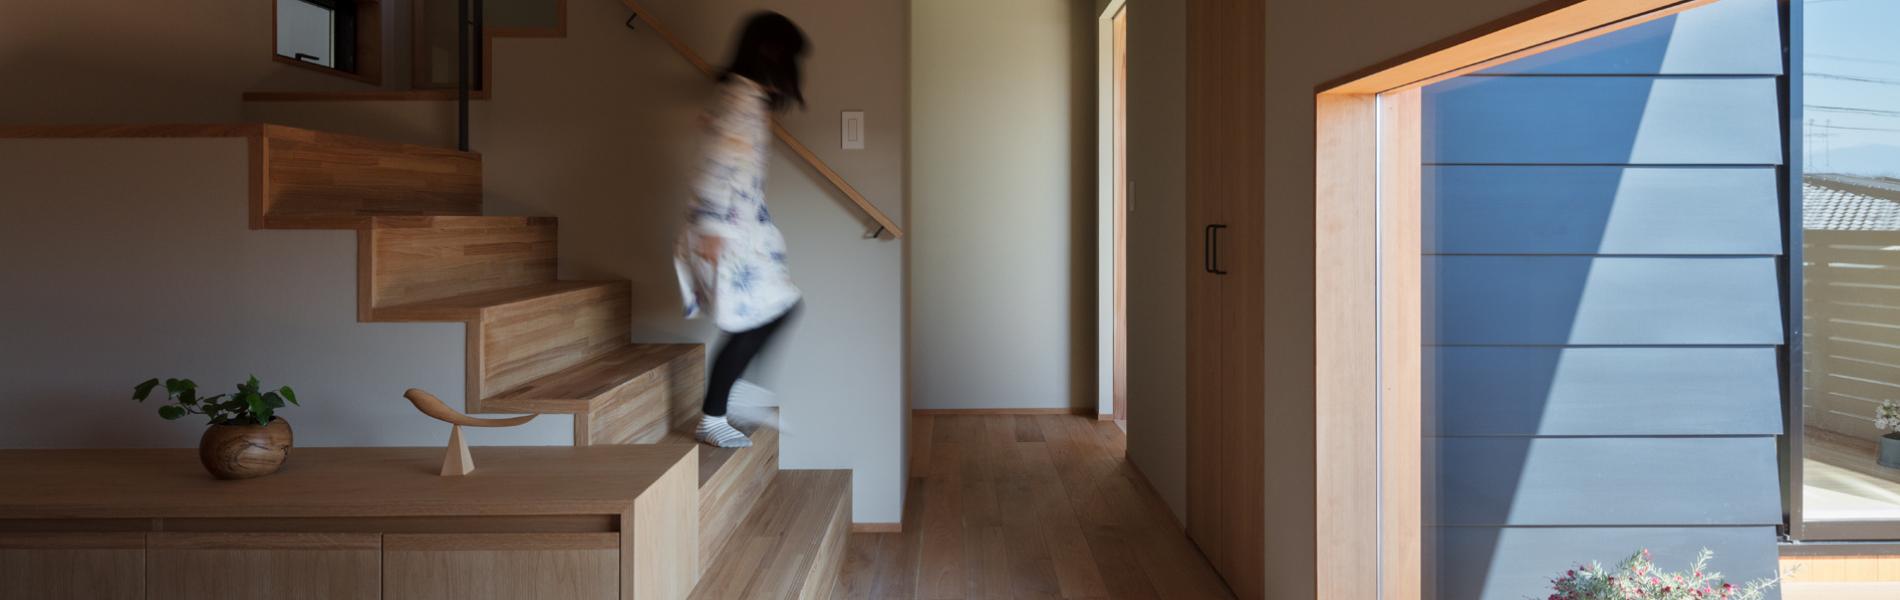 福岡市 女性 建築家